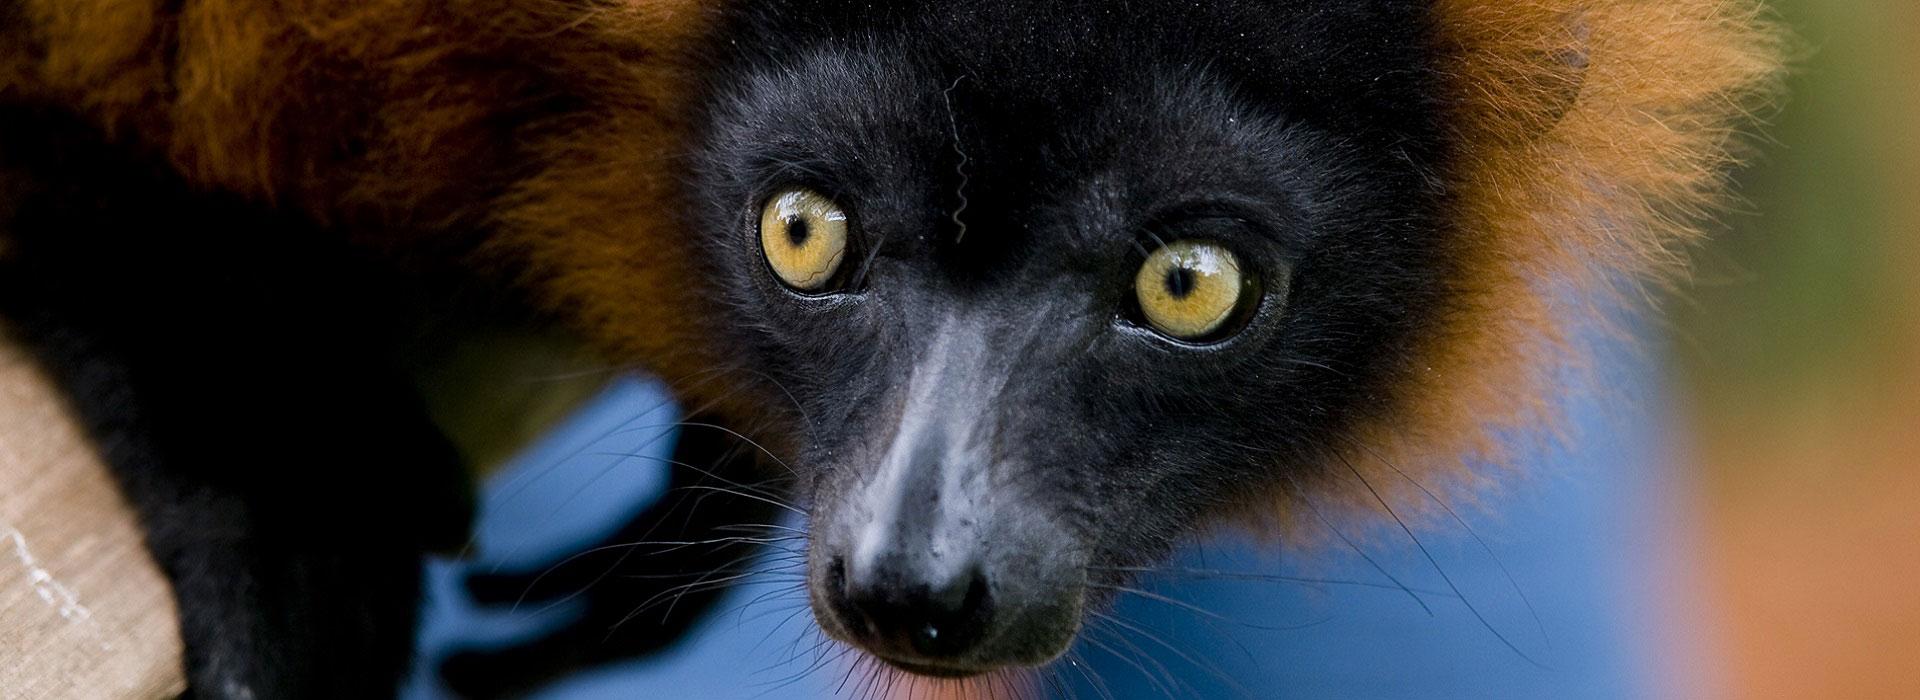 lemure_madagascar